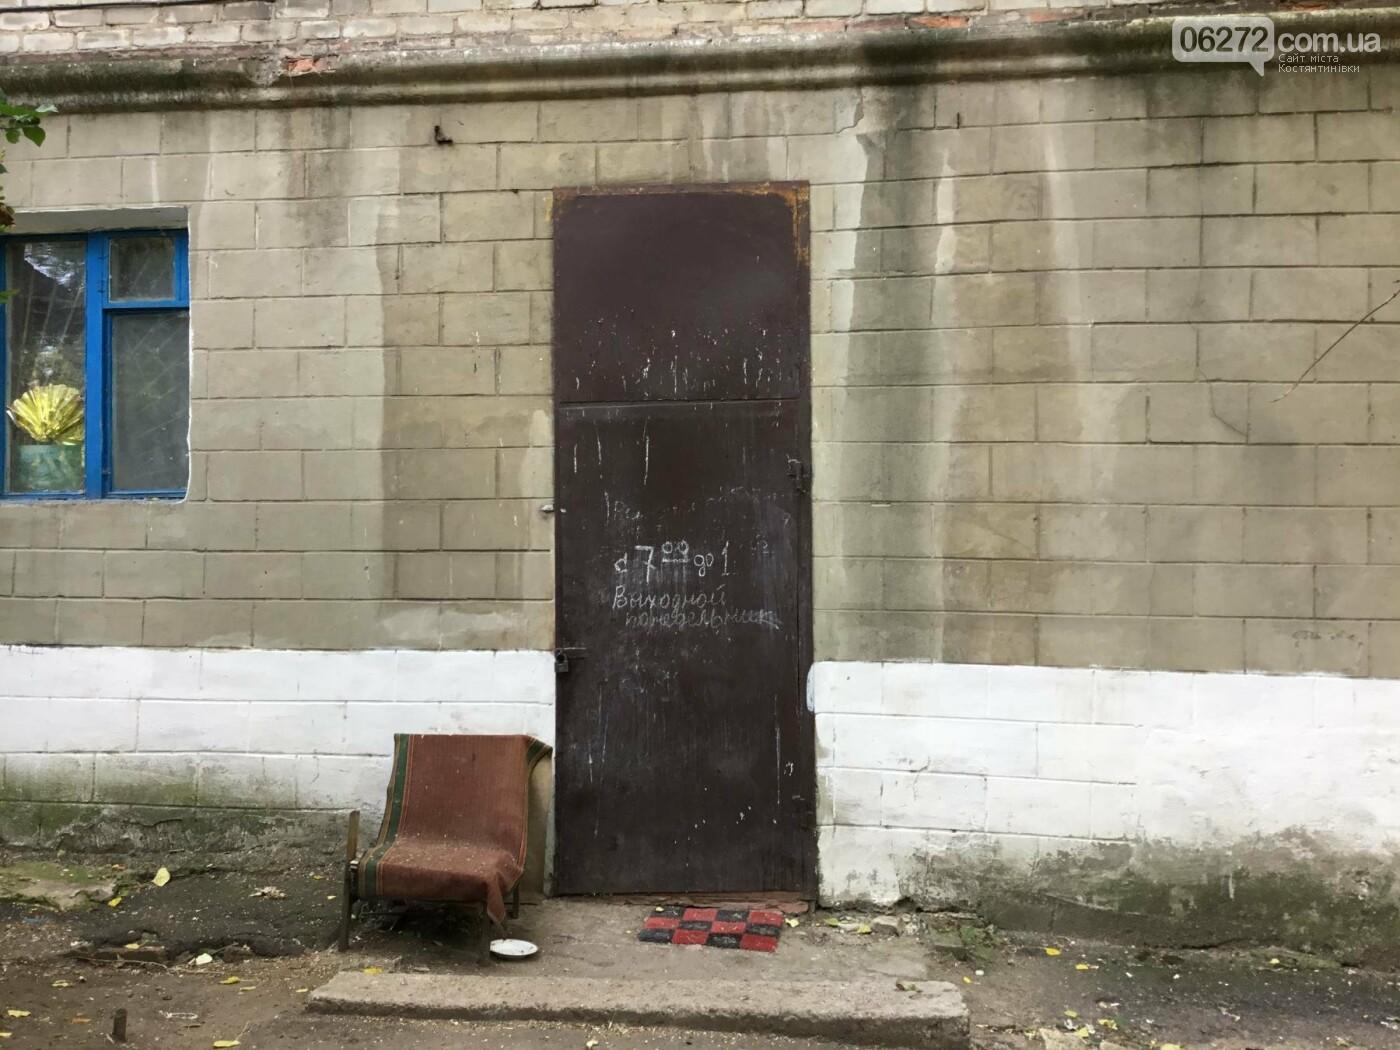 Жители Константиновской многоэтажки против пункта приема вторсырья в их доме, фото-1